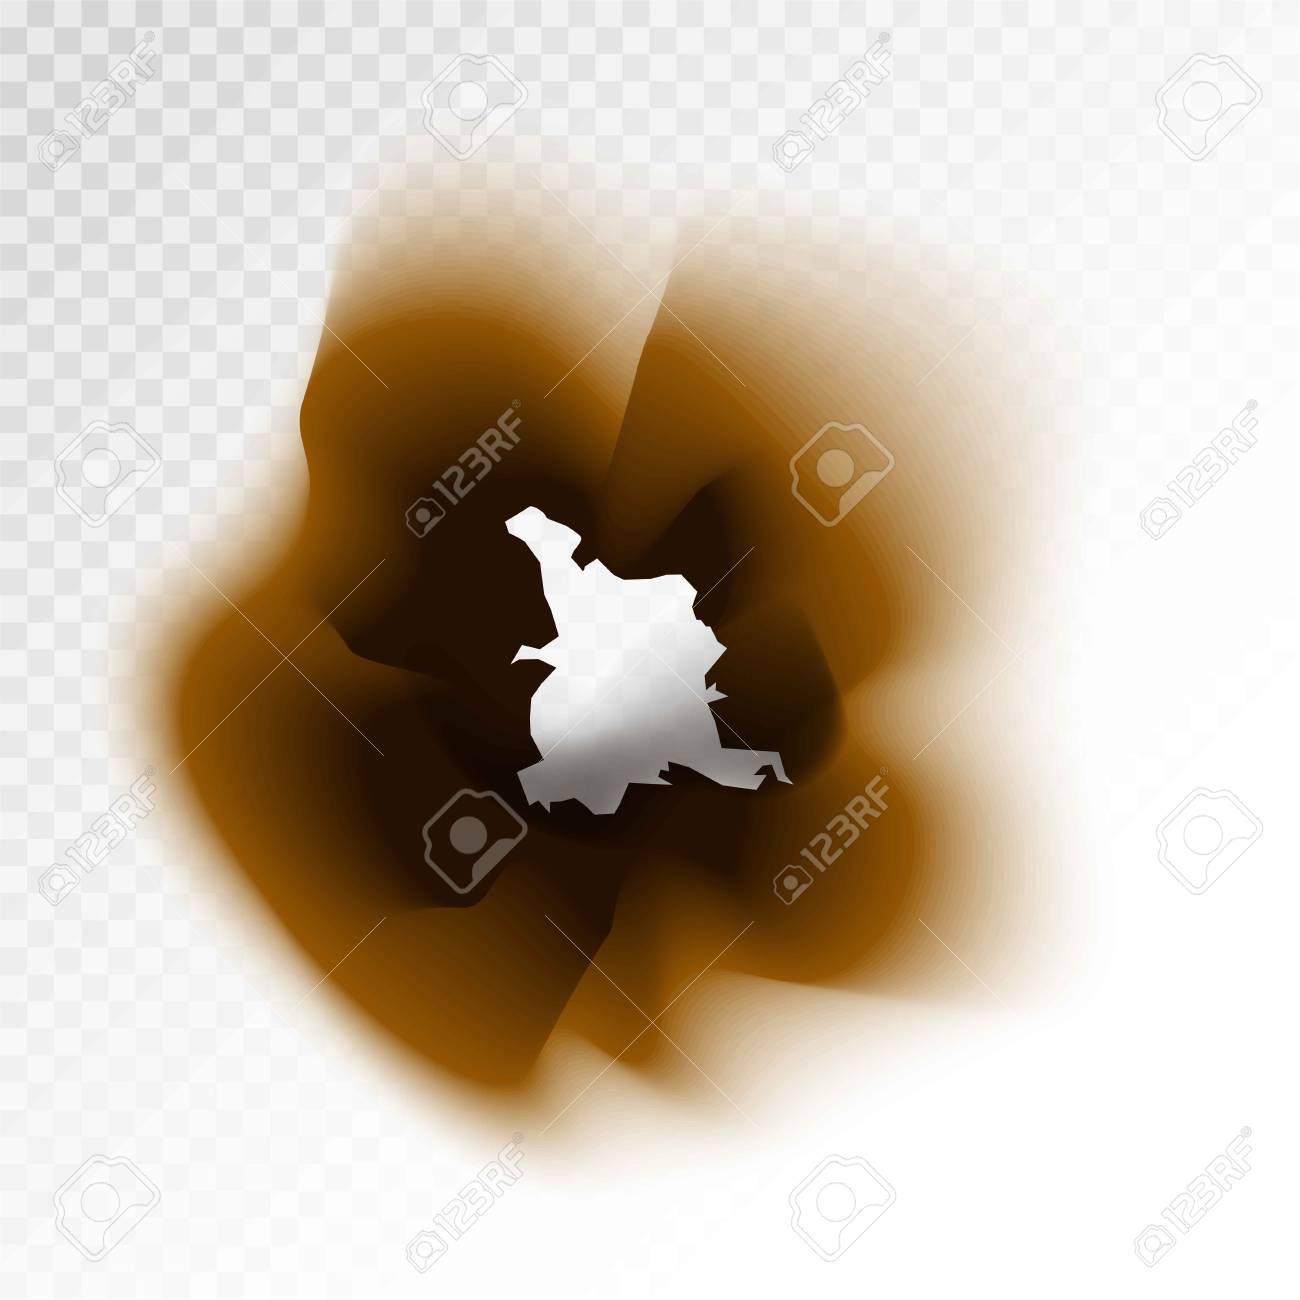 透明な背景に焦げた茶色の絶縁紙の穴のイラスト素材ベクタ Image